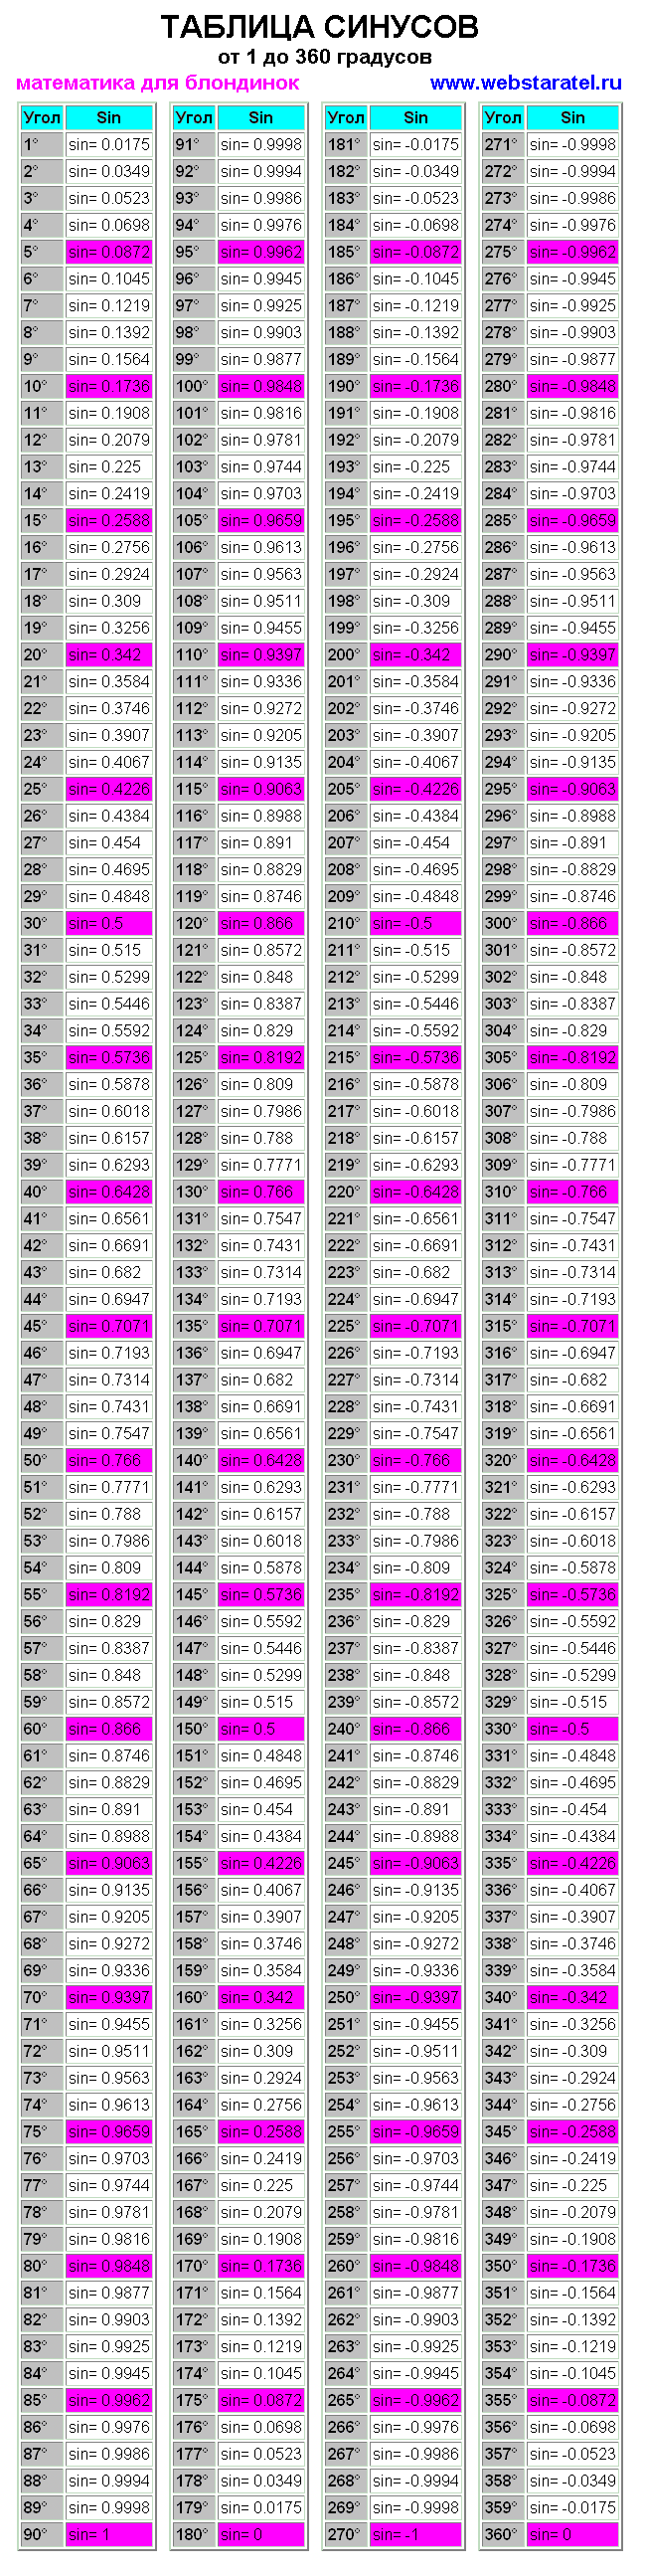 Таблица синусов. Скачать таблица косинусов и синусов бесплатно. Математика таблица значений синусов. sin a table. Таблица брадиса синусы через 1 градус. Синус угла таблица значений от 1 до 360 градусов. Синус 135 градусов равен. Тригонометрическая таблица синусов. Скачать таблицу синусов бесплатно. Таблица синусов полная. sin 0, sin 90, sin 120, sin 2010.